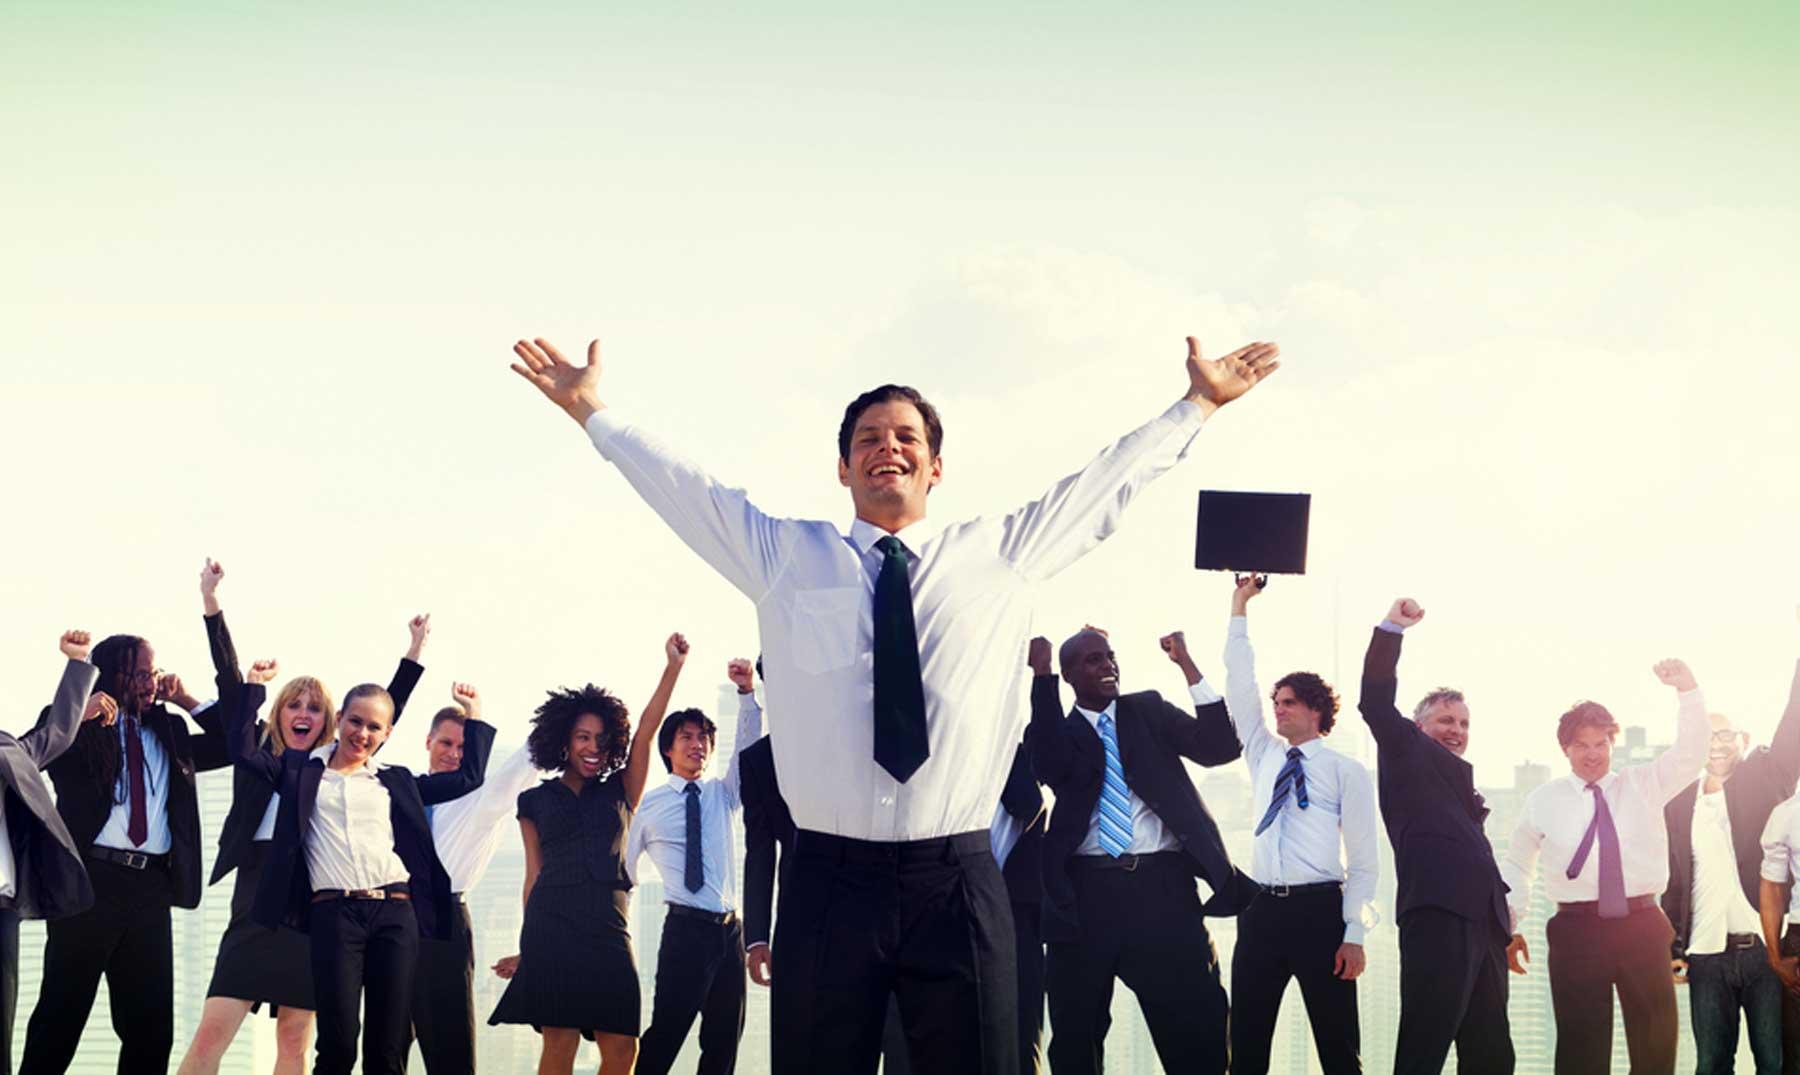 frases motivacionales en trabajo